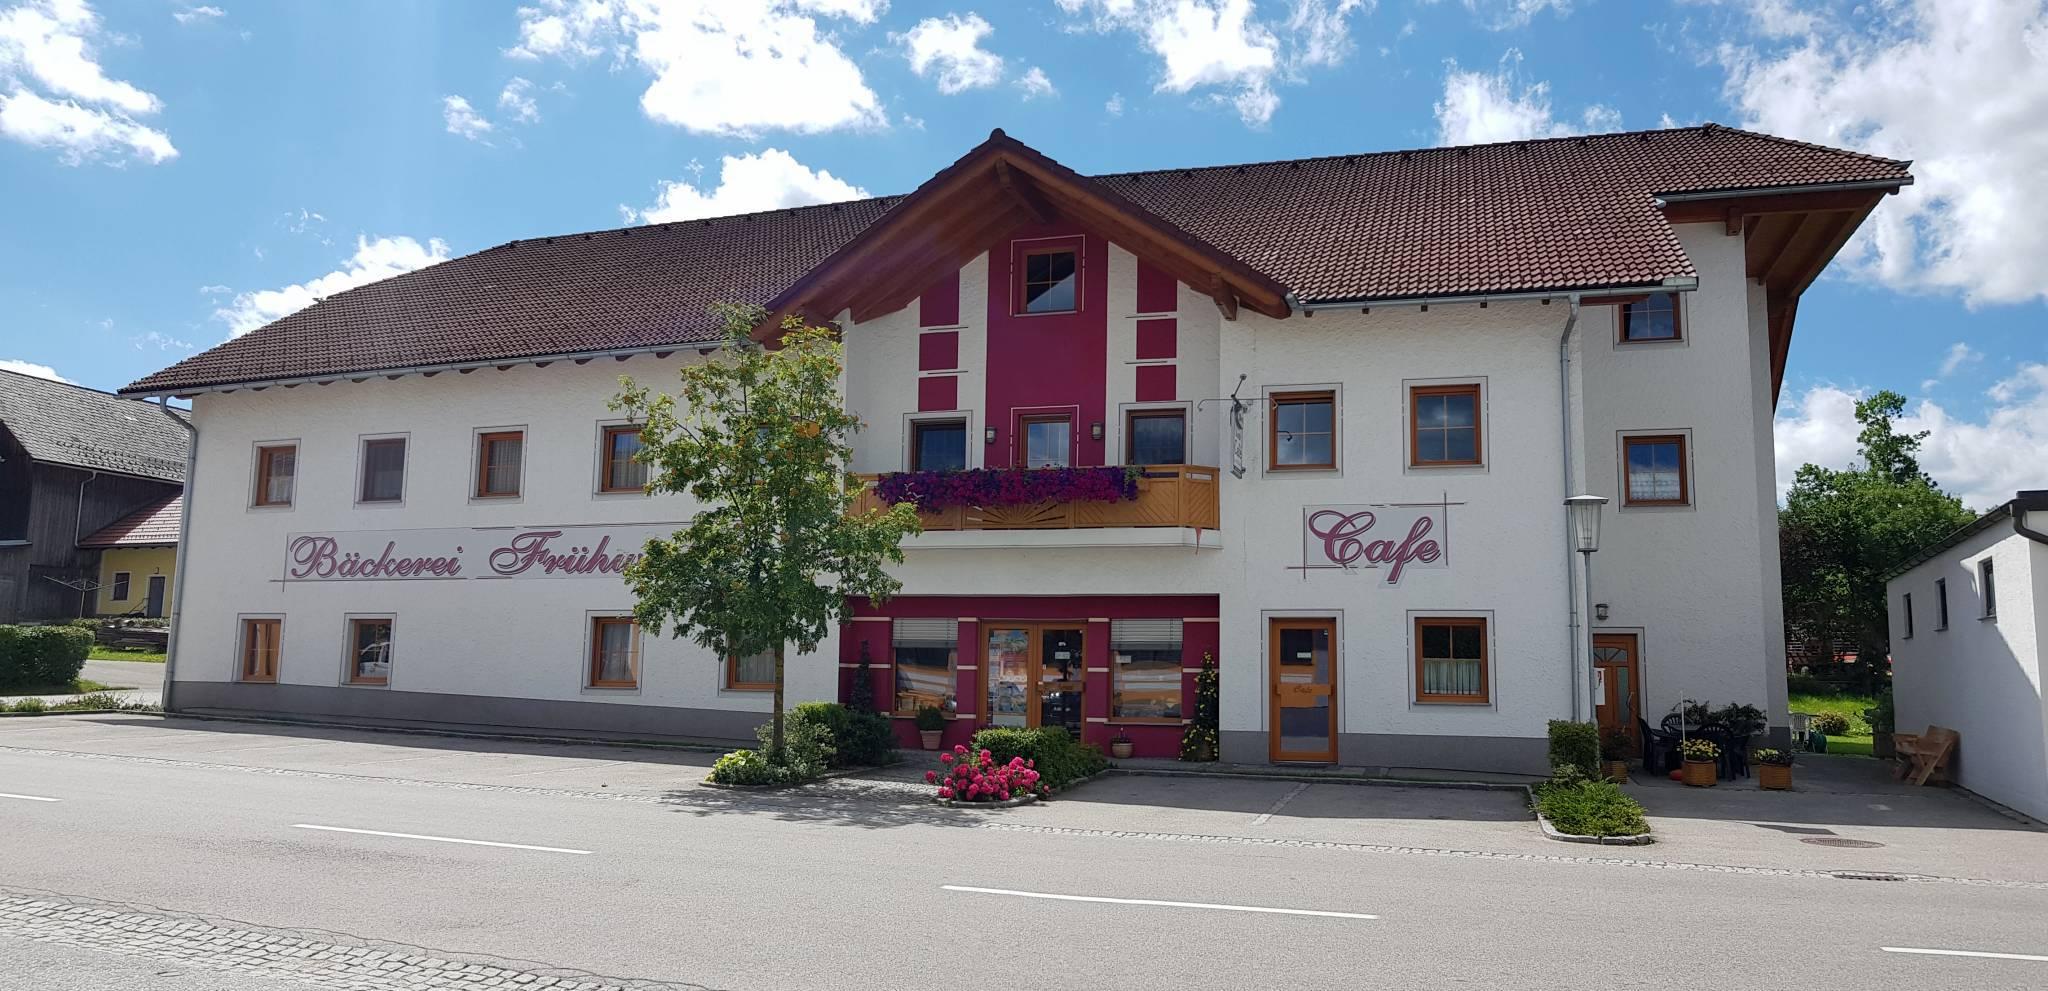 Außenansicht Bäckerei Konditorei Cafe Frühwirth Altmelon